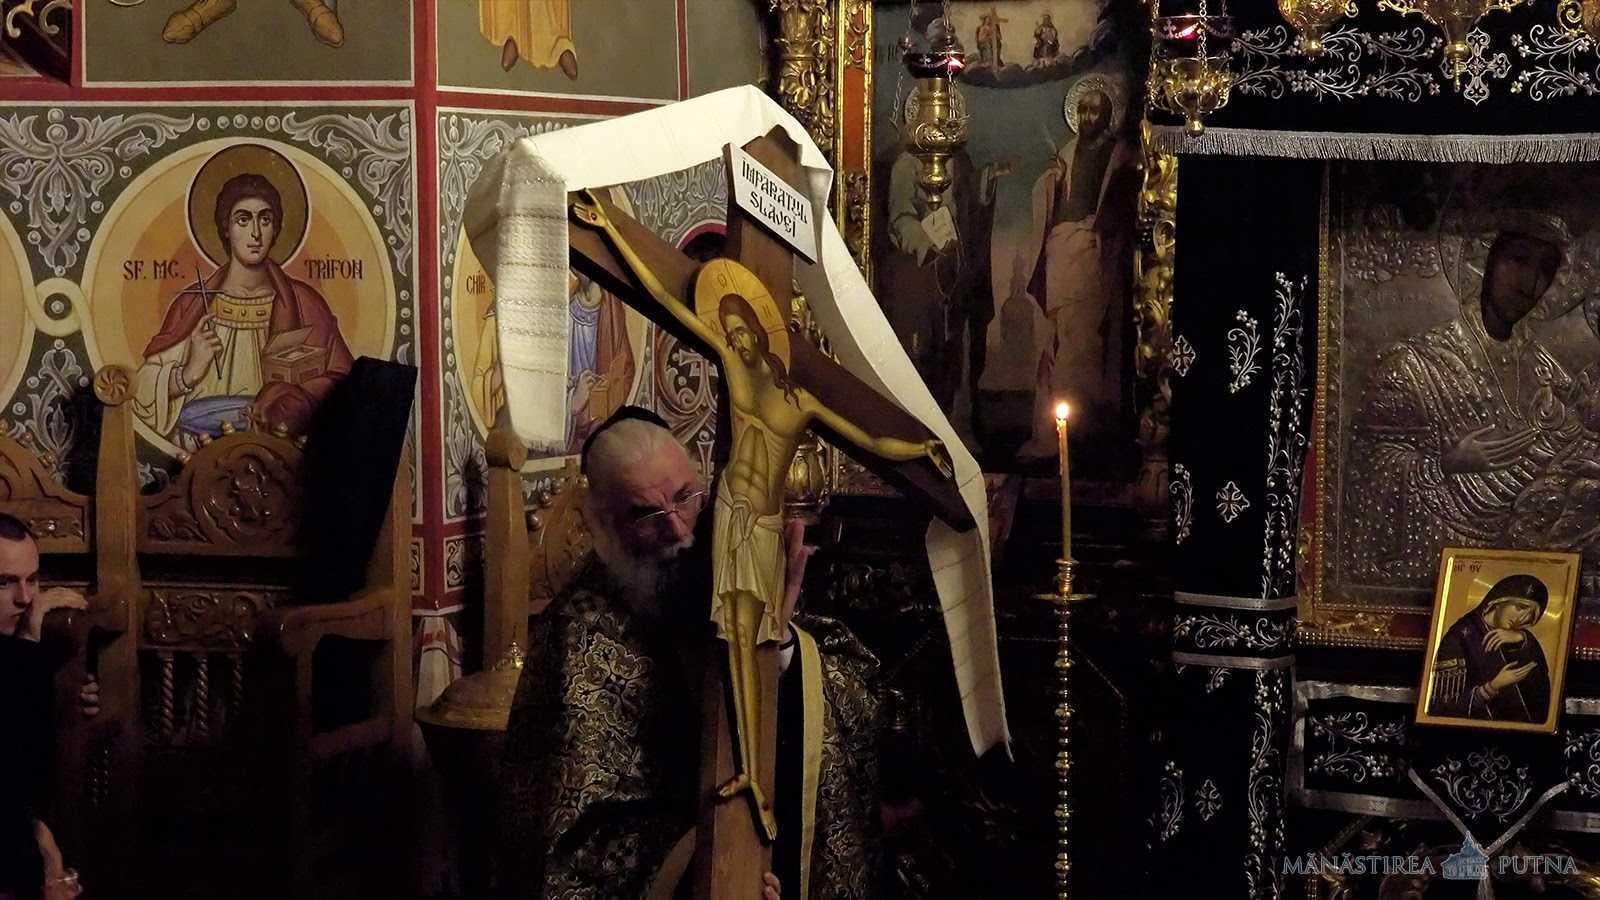 DENIA CELOR 12 EVANGHELII pentru SFANTA SI MAREA VINERI A PATIMIRILOR DOMNULUI NOSTRU IISUS HRISTOS (video, audio)